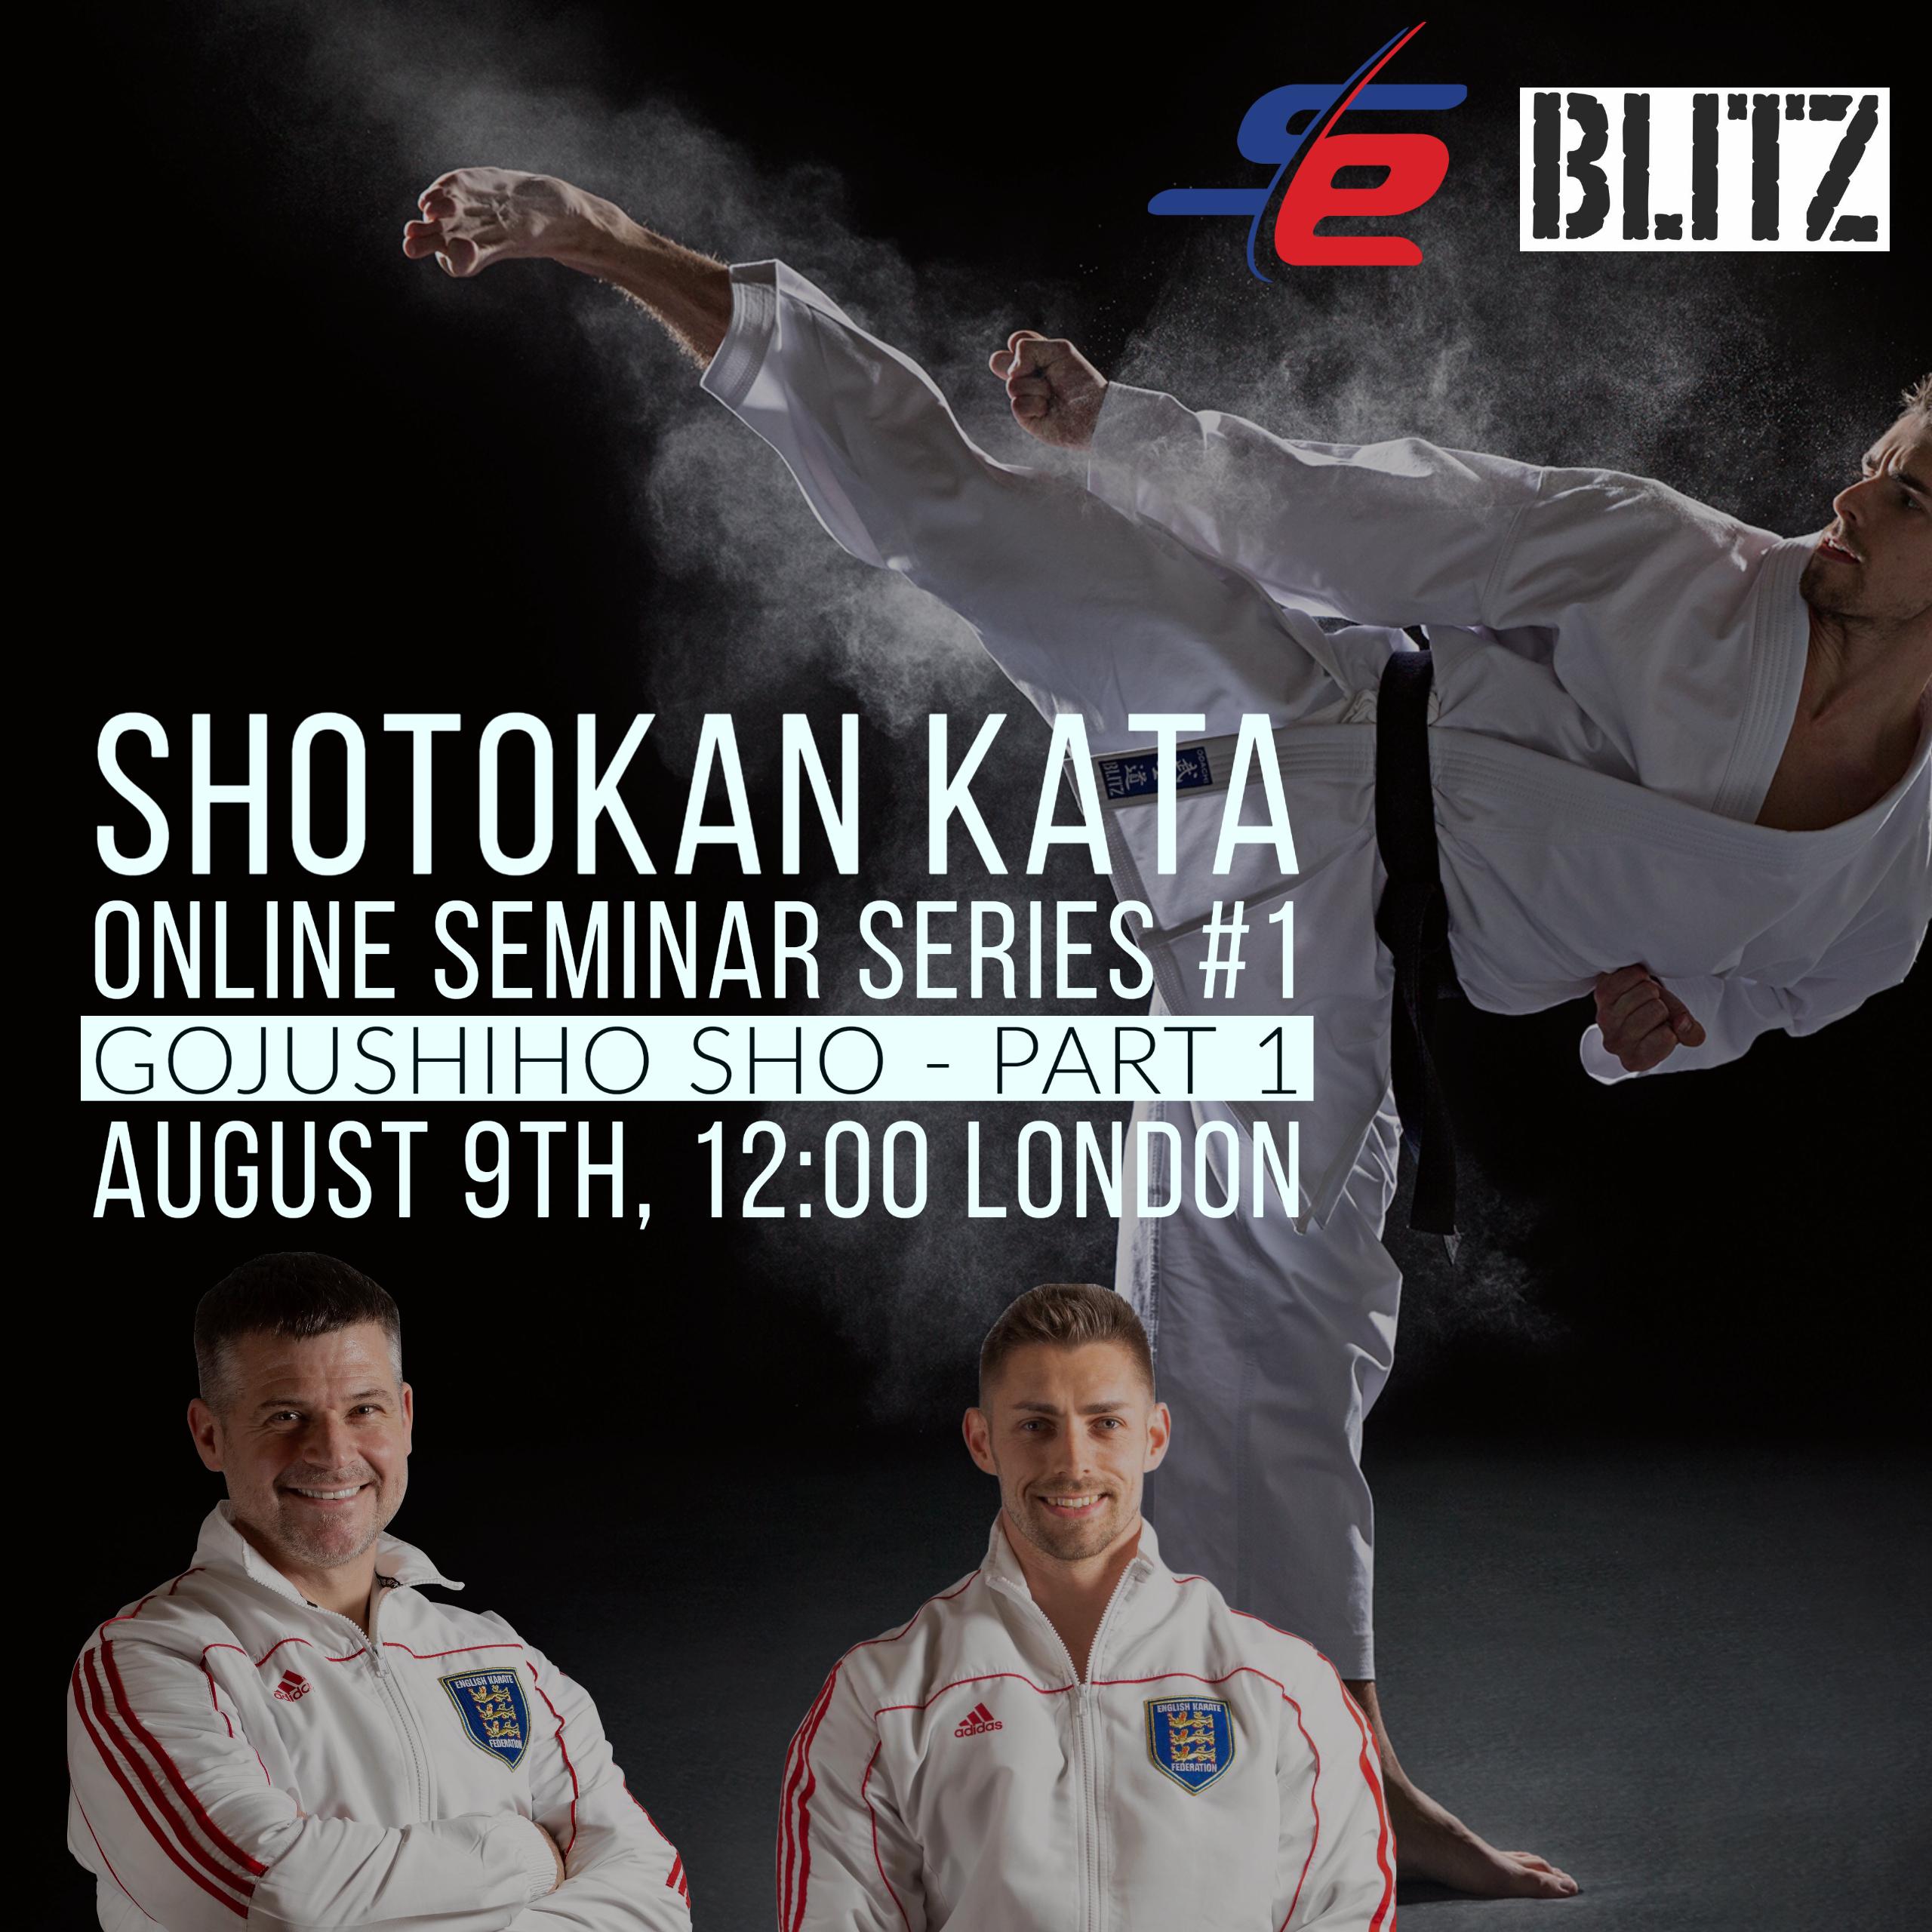 Shotokan Kata Seminar Series #1  GOJUSHIHO SHO part 1